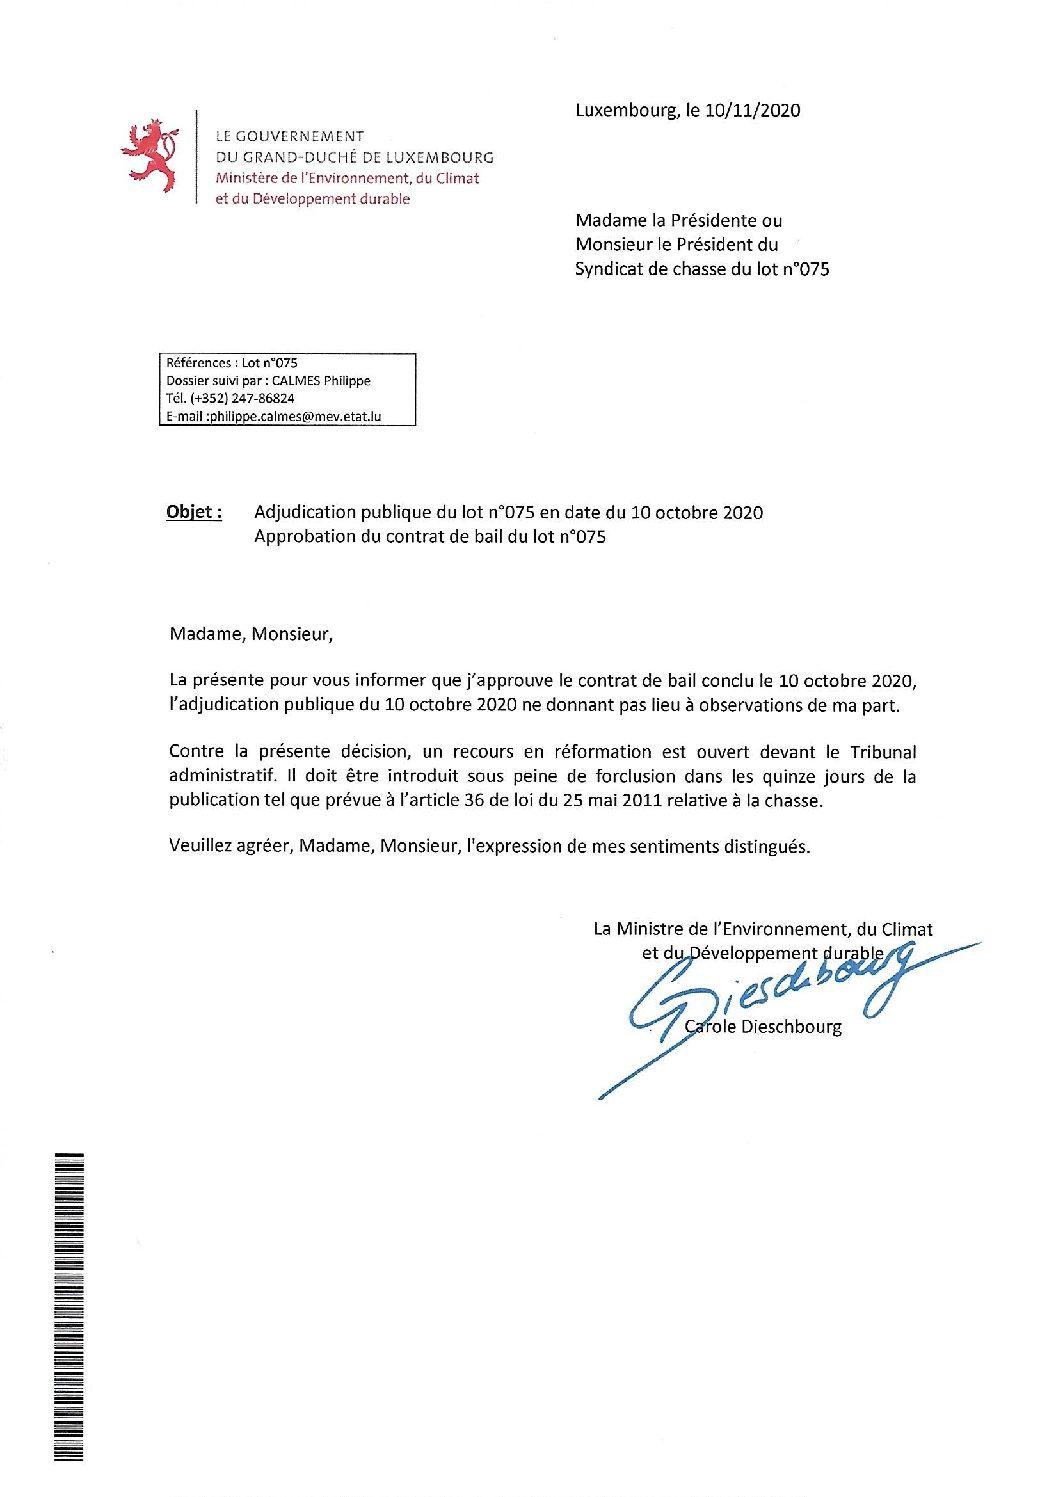 Approbation contrat de bail lot n°075